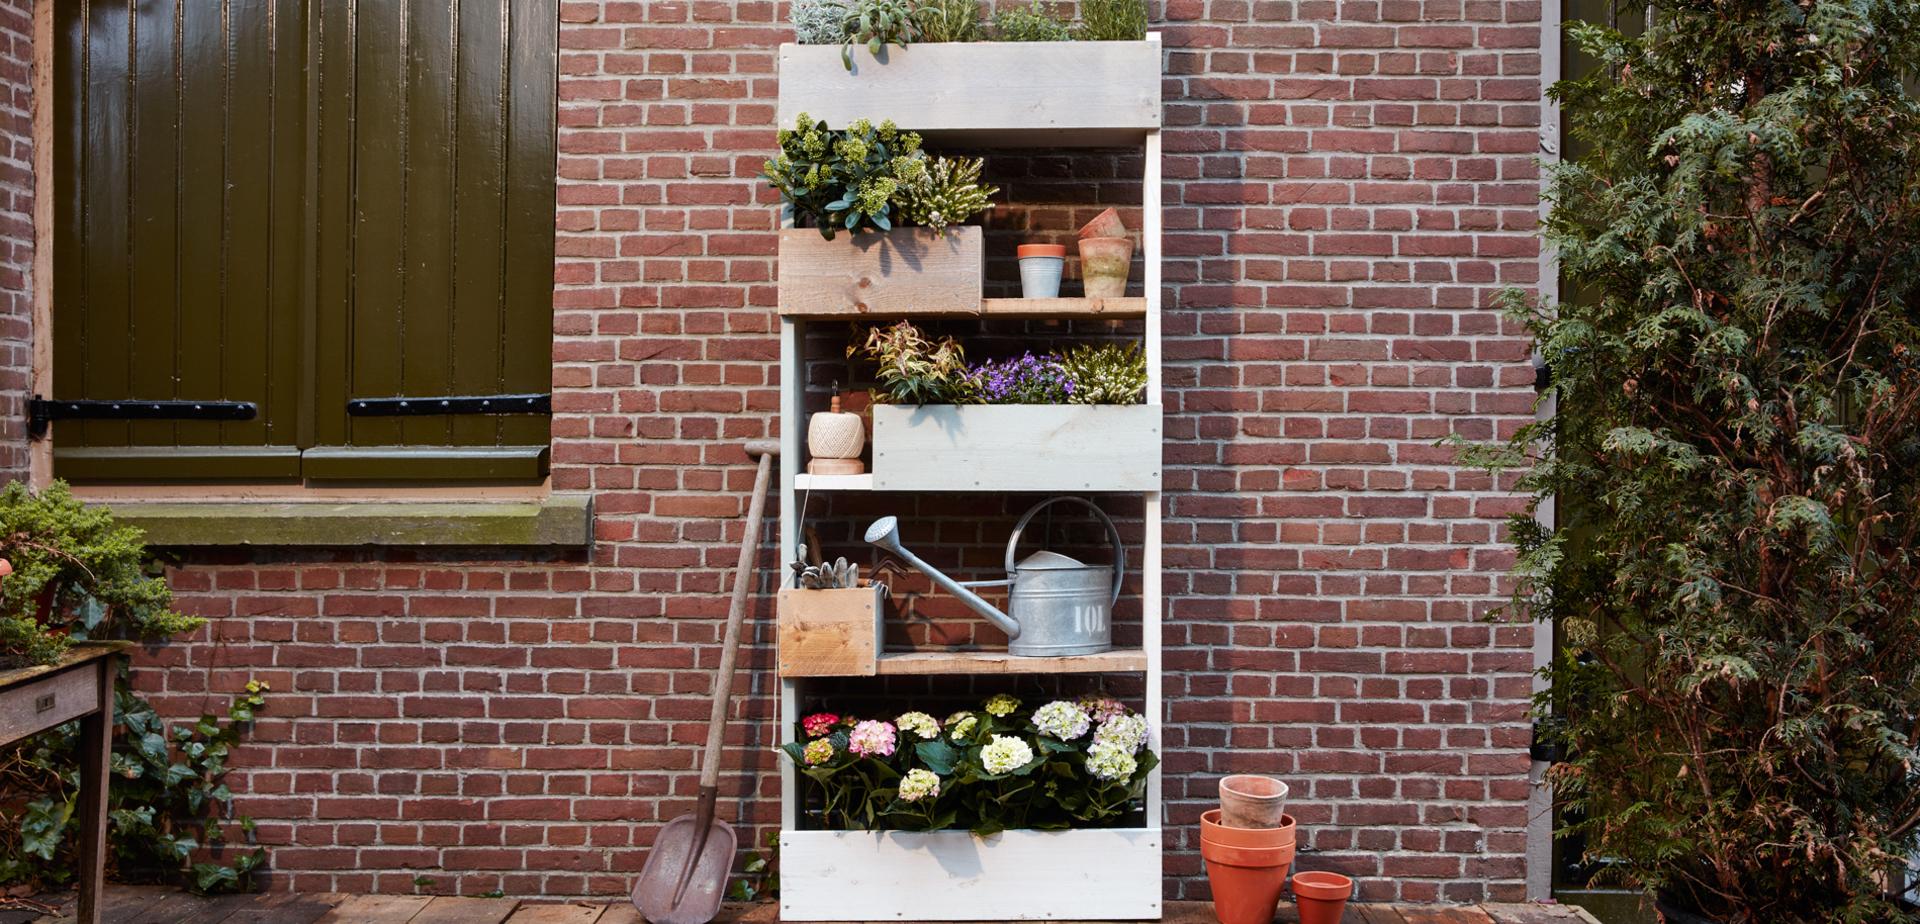 Maak een verticale tuin voor de makers - Maak een eigentijdse tuin aan ...